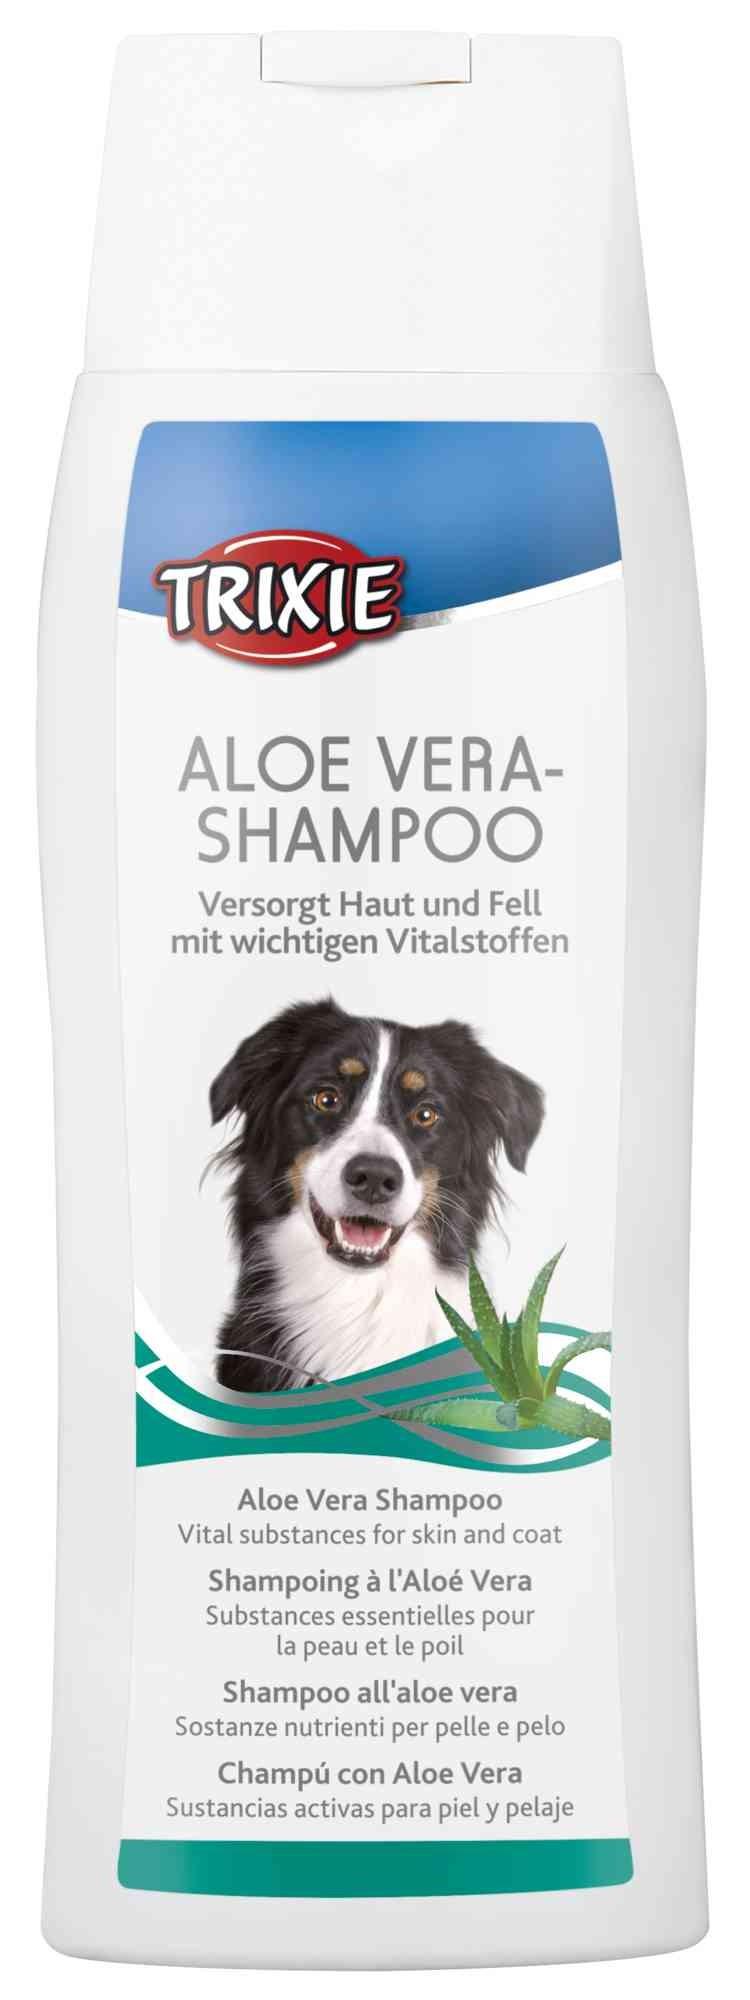 Verzorgingsshampoo met Aloë Vera 250ml voor de hond